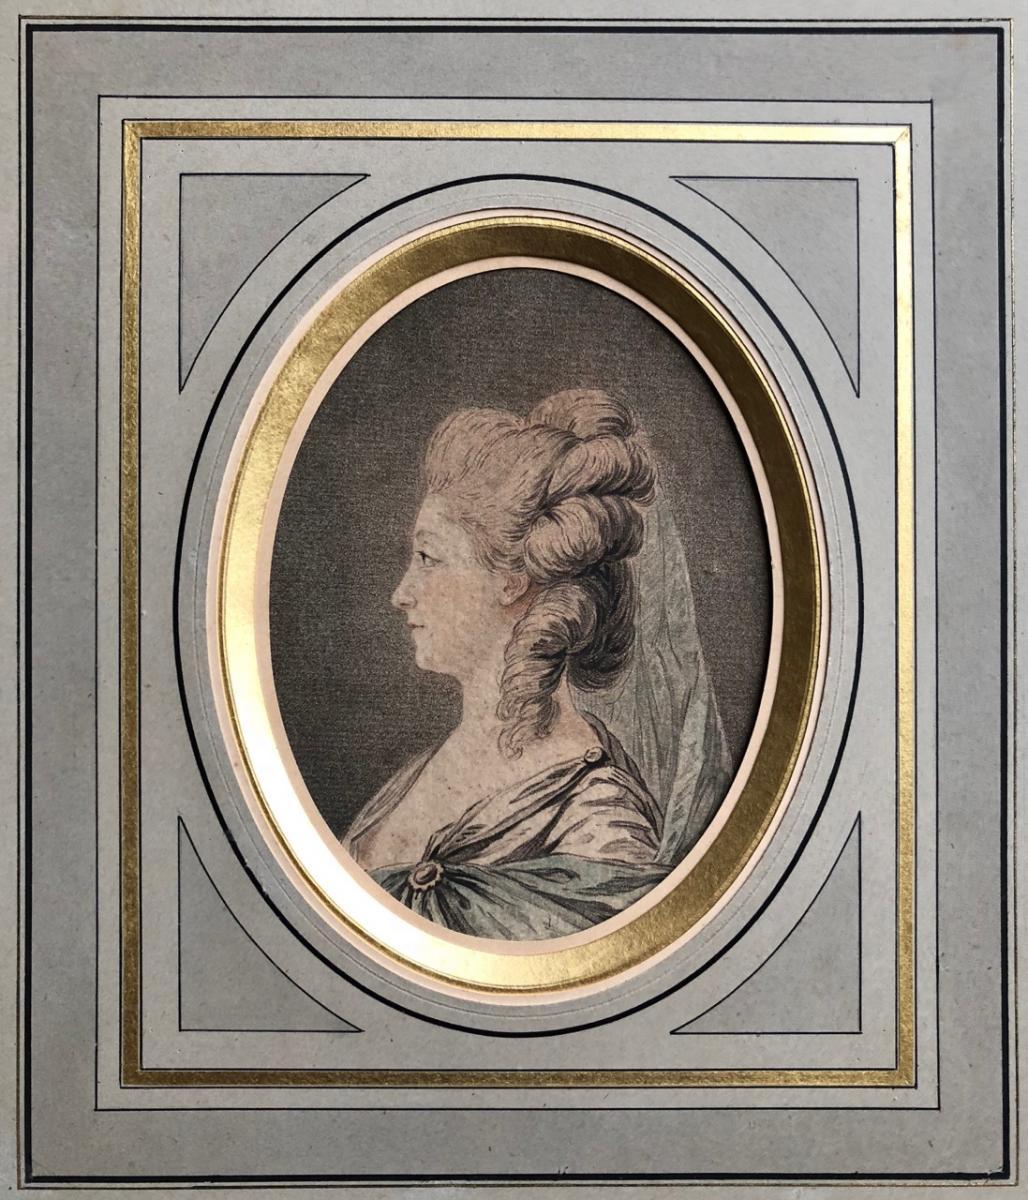 Colombe l'Ainé, Portrait Gravé d'Après J.A. Lemoine